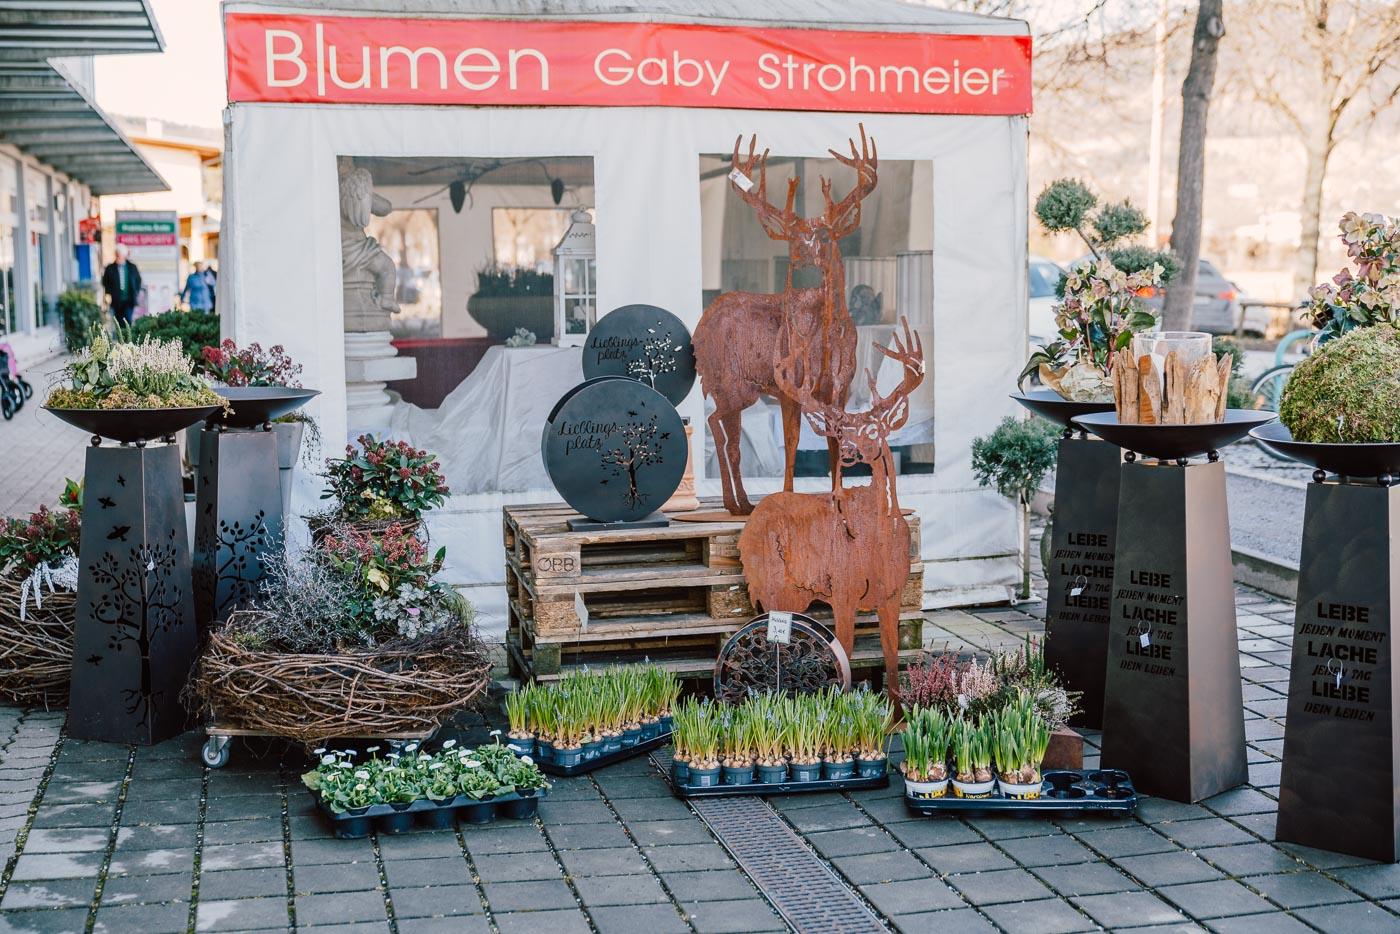 Blumen-Gaby-Strohmeier-geschenkartikel-feb20-10